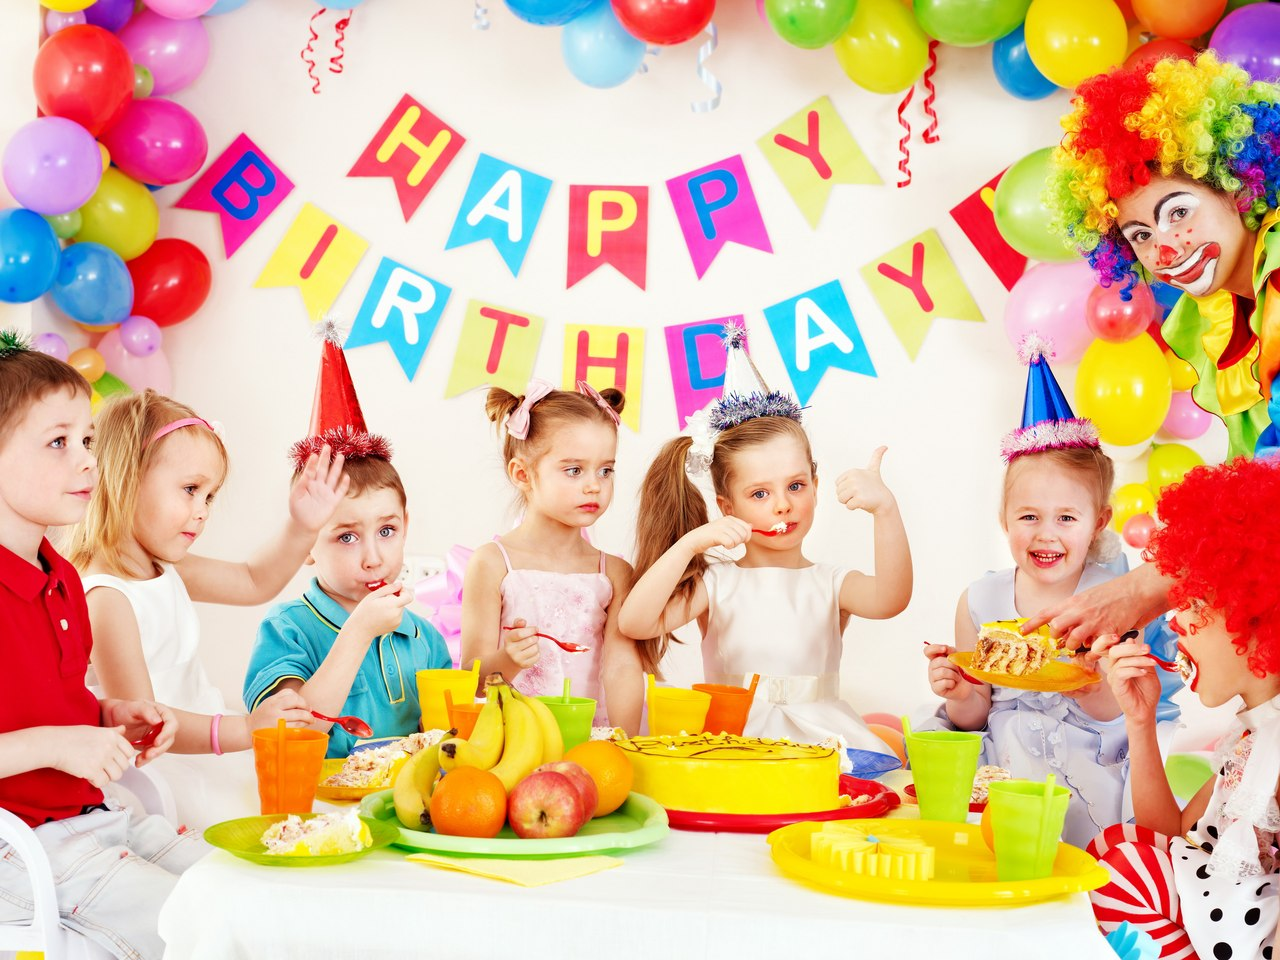 фото детского дня рождения фото